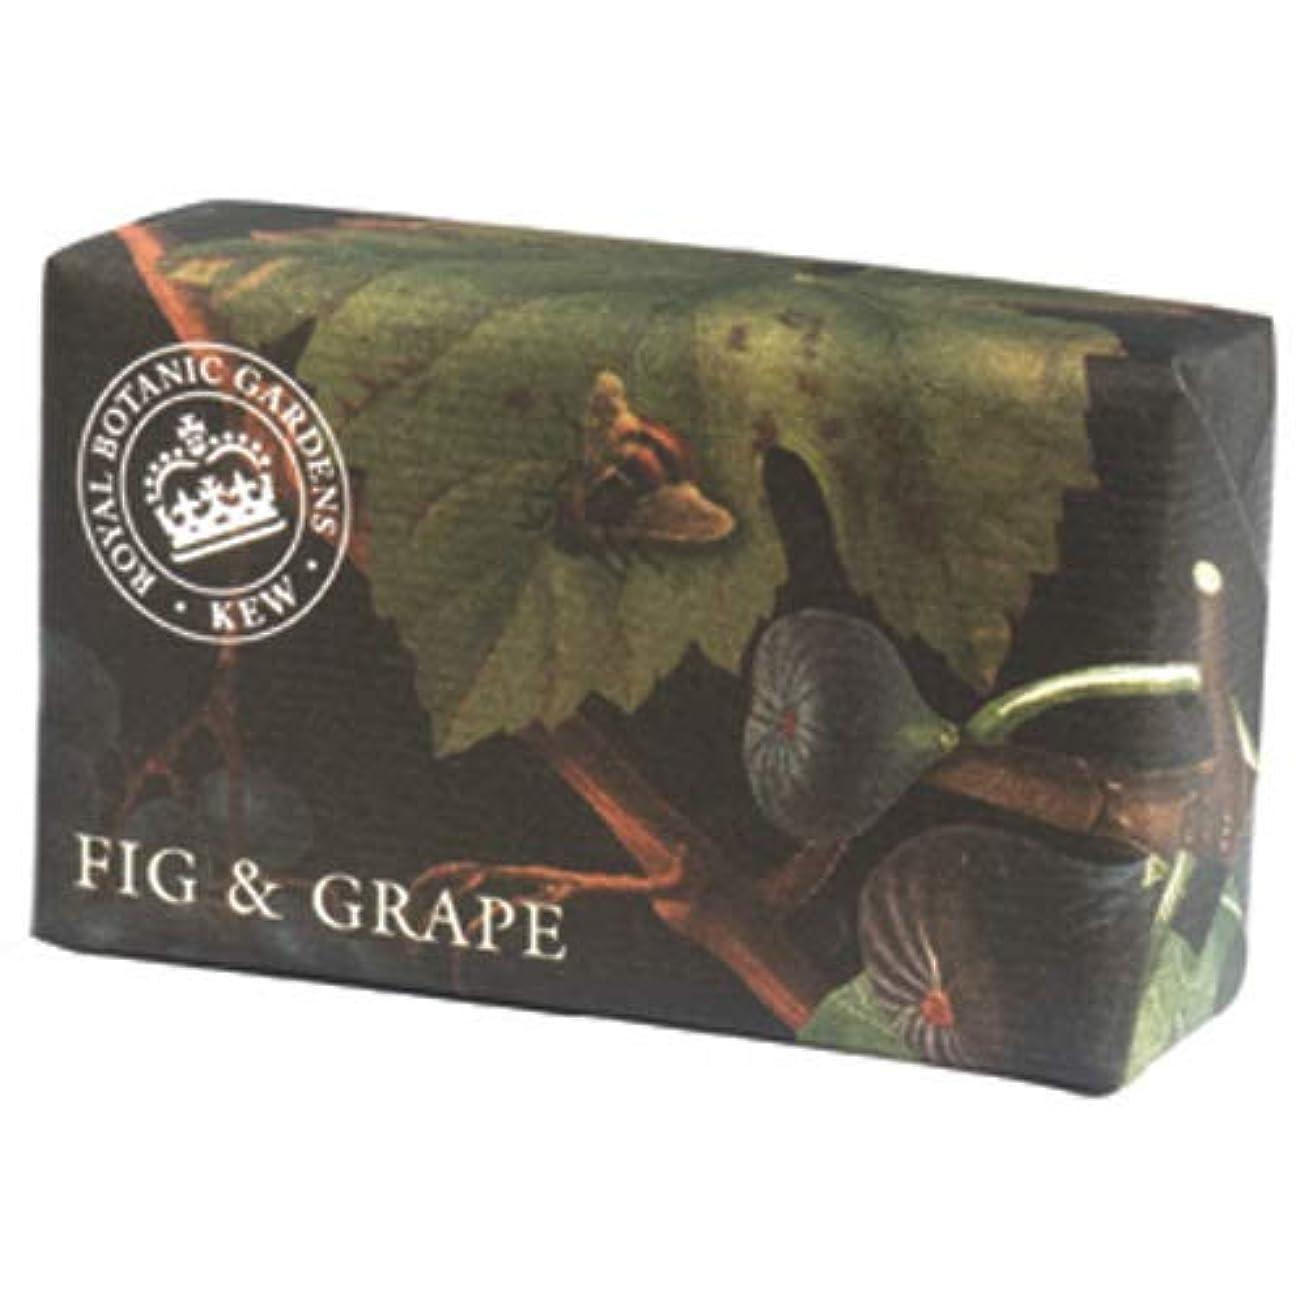 ただやるドメイン暴行English Soap Company イングリッシュソープカンパニー KEW GARDEN キュー?ガーデン Luxury Shea Soaps シアソープ Fig & Grape フィグ&グレープ